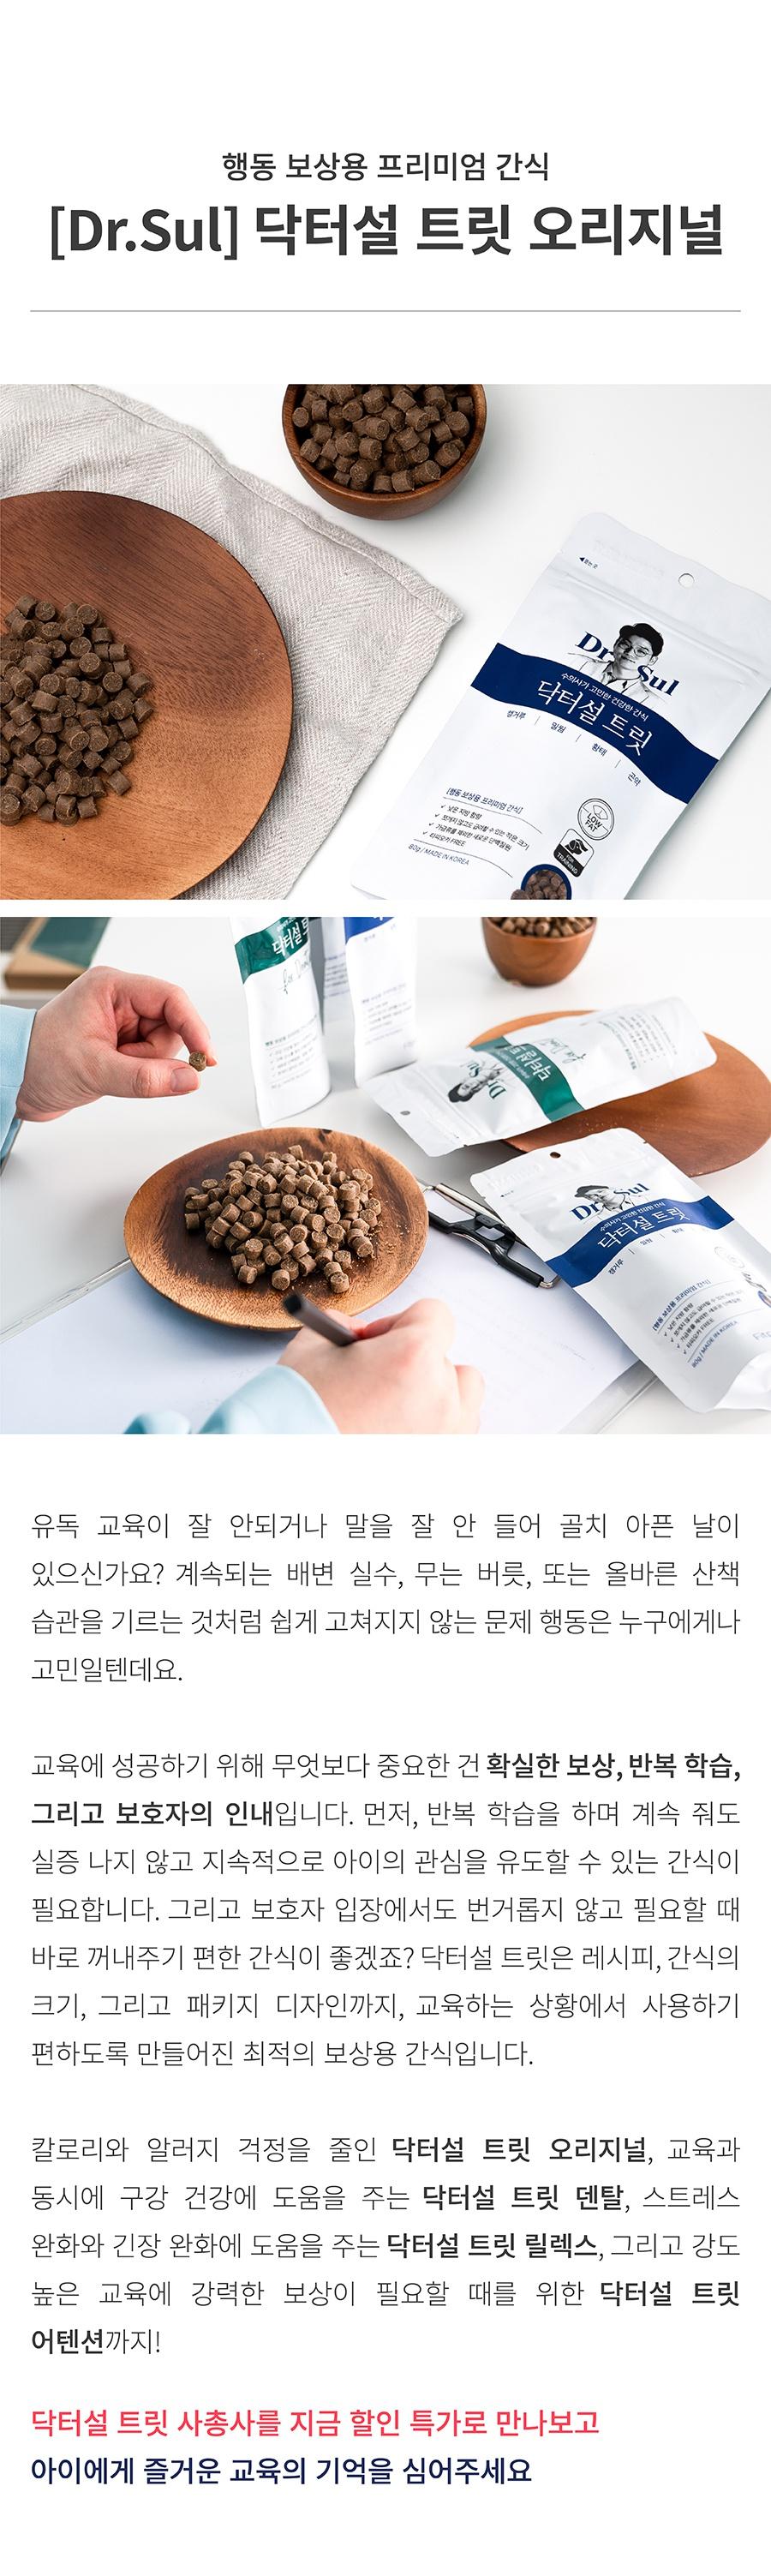 닥터설 트릿 대용량 (80g*6개)-상품이미지-2